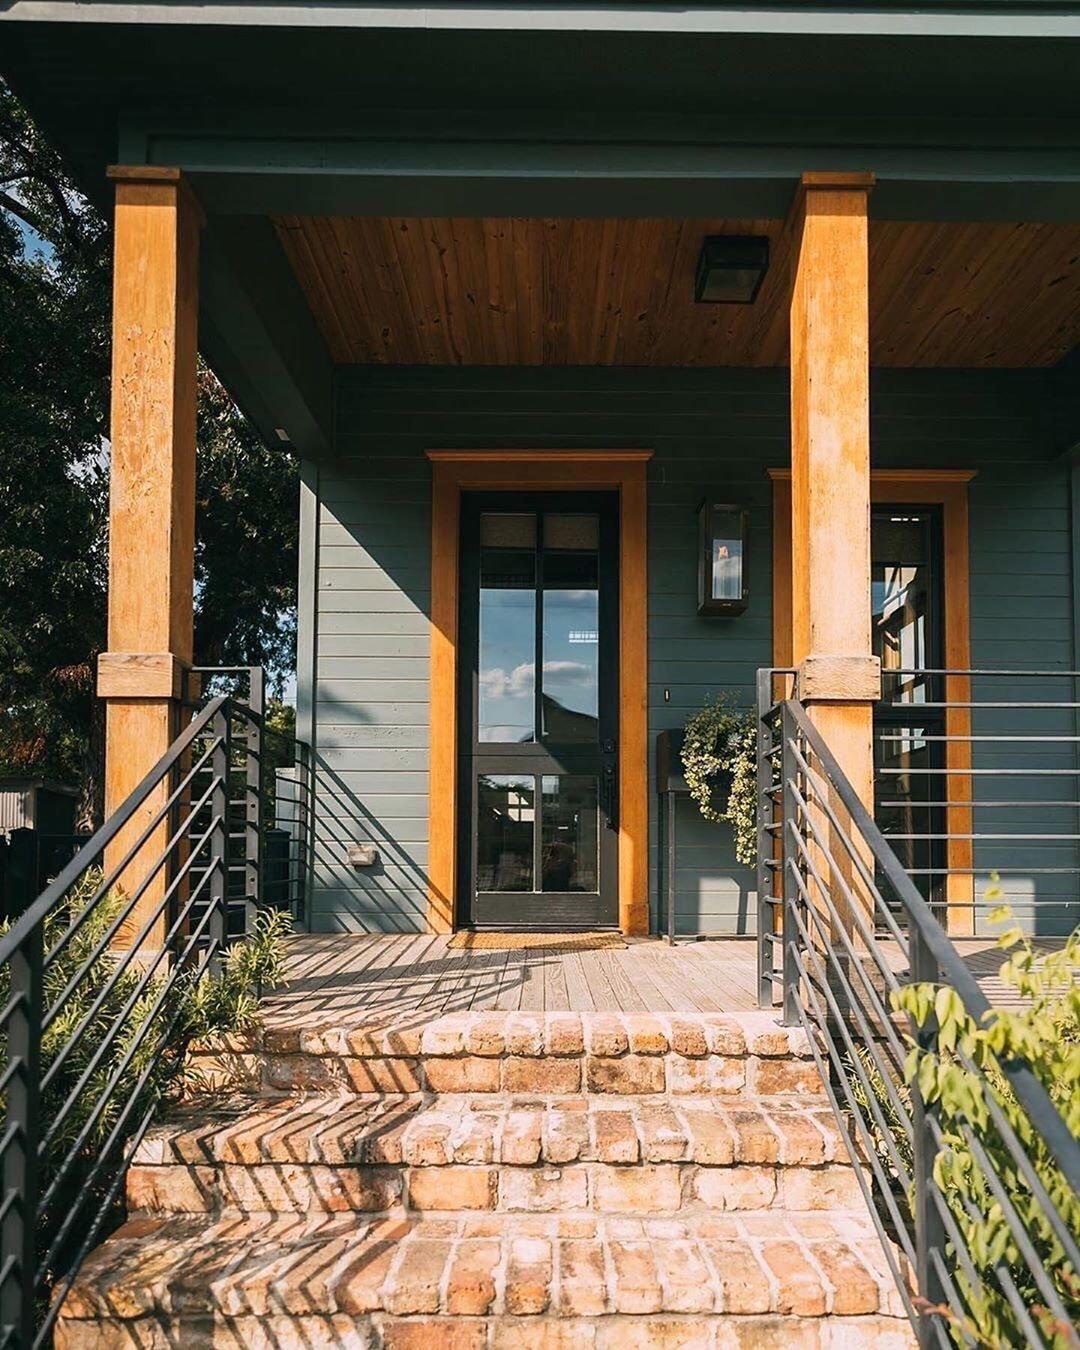 Nhà cấp 4 nhỏ xinh tiện ích nằm giữa thiên nhiên xanh tươi ở ngoại ô ai ngắm cũng mê - Ảnh 3.